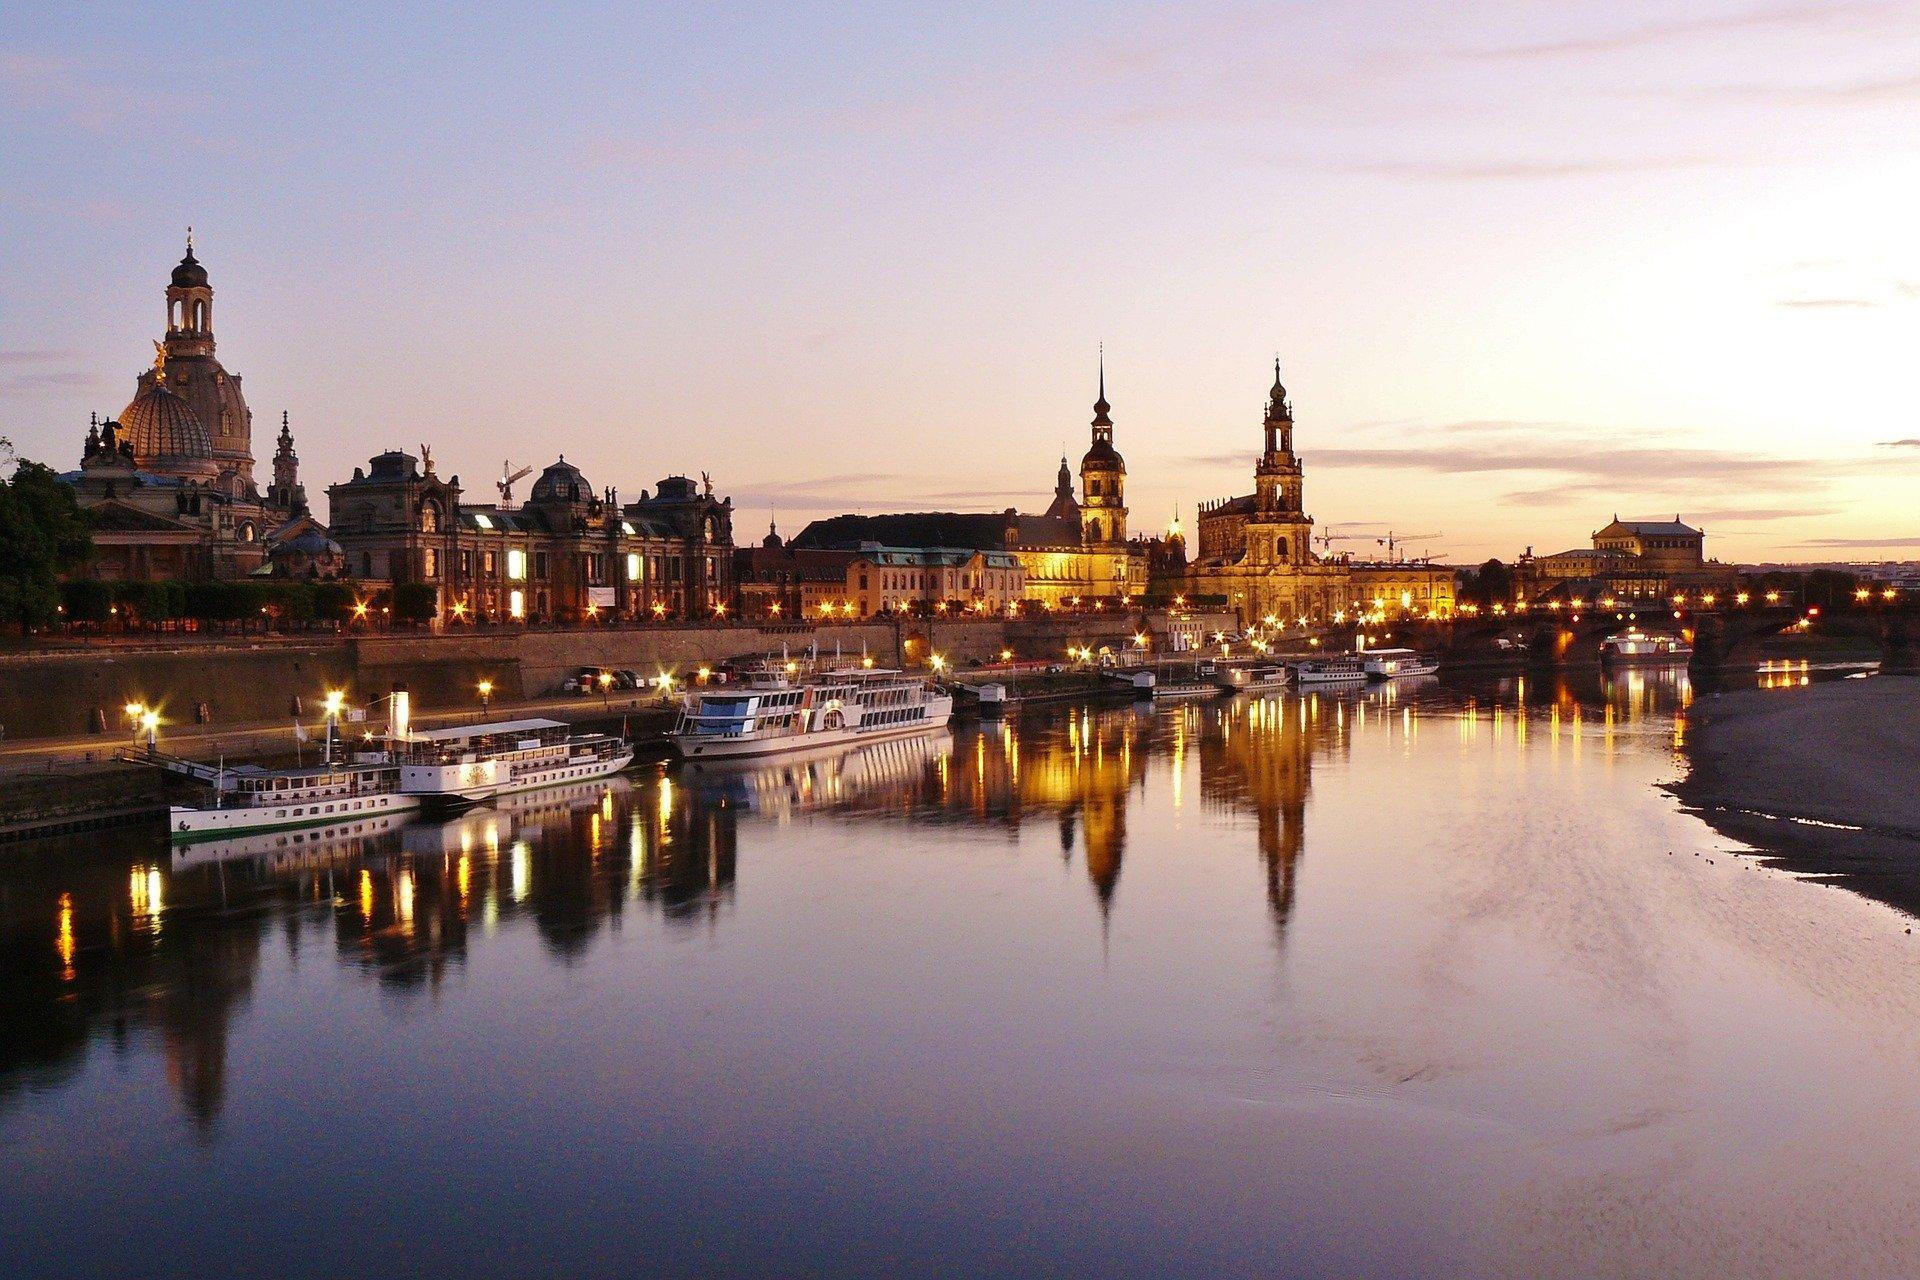 Bild von Dresden bei Abenddämmerung